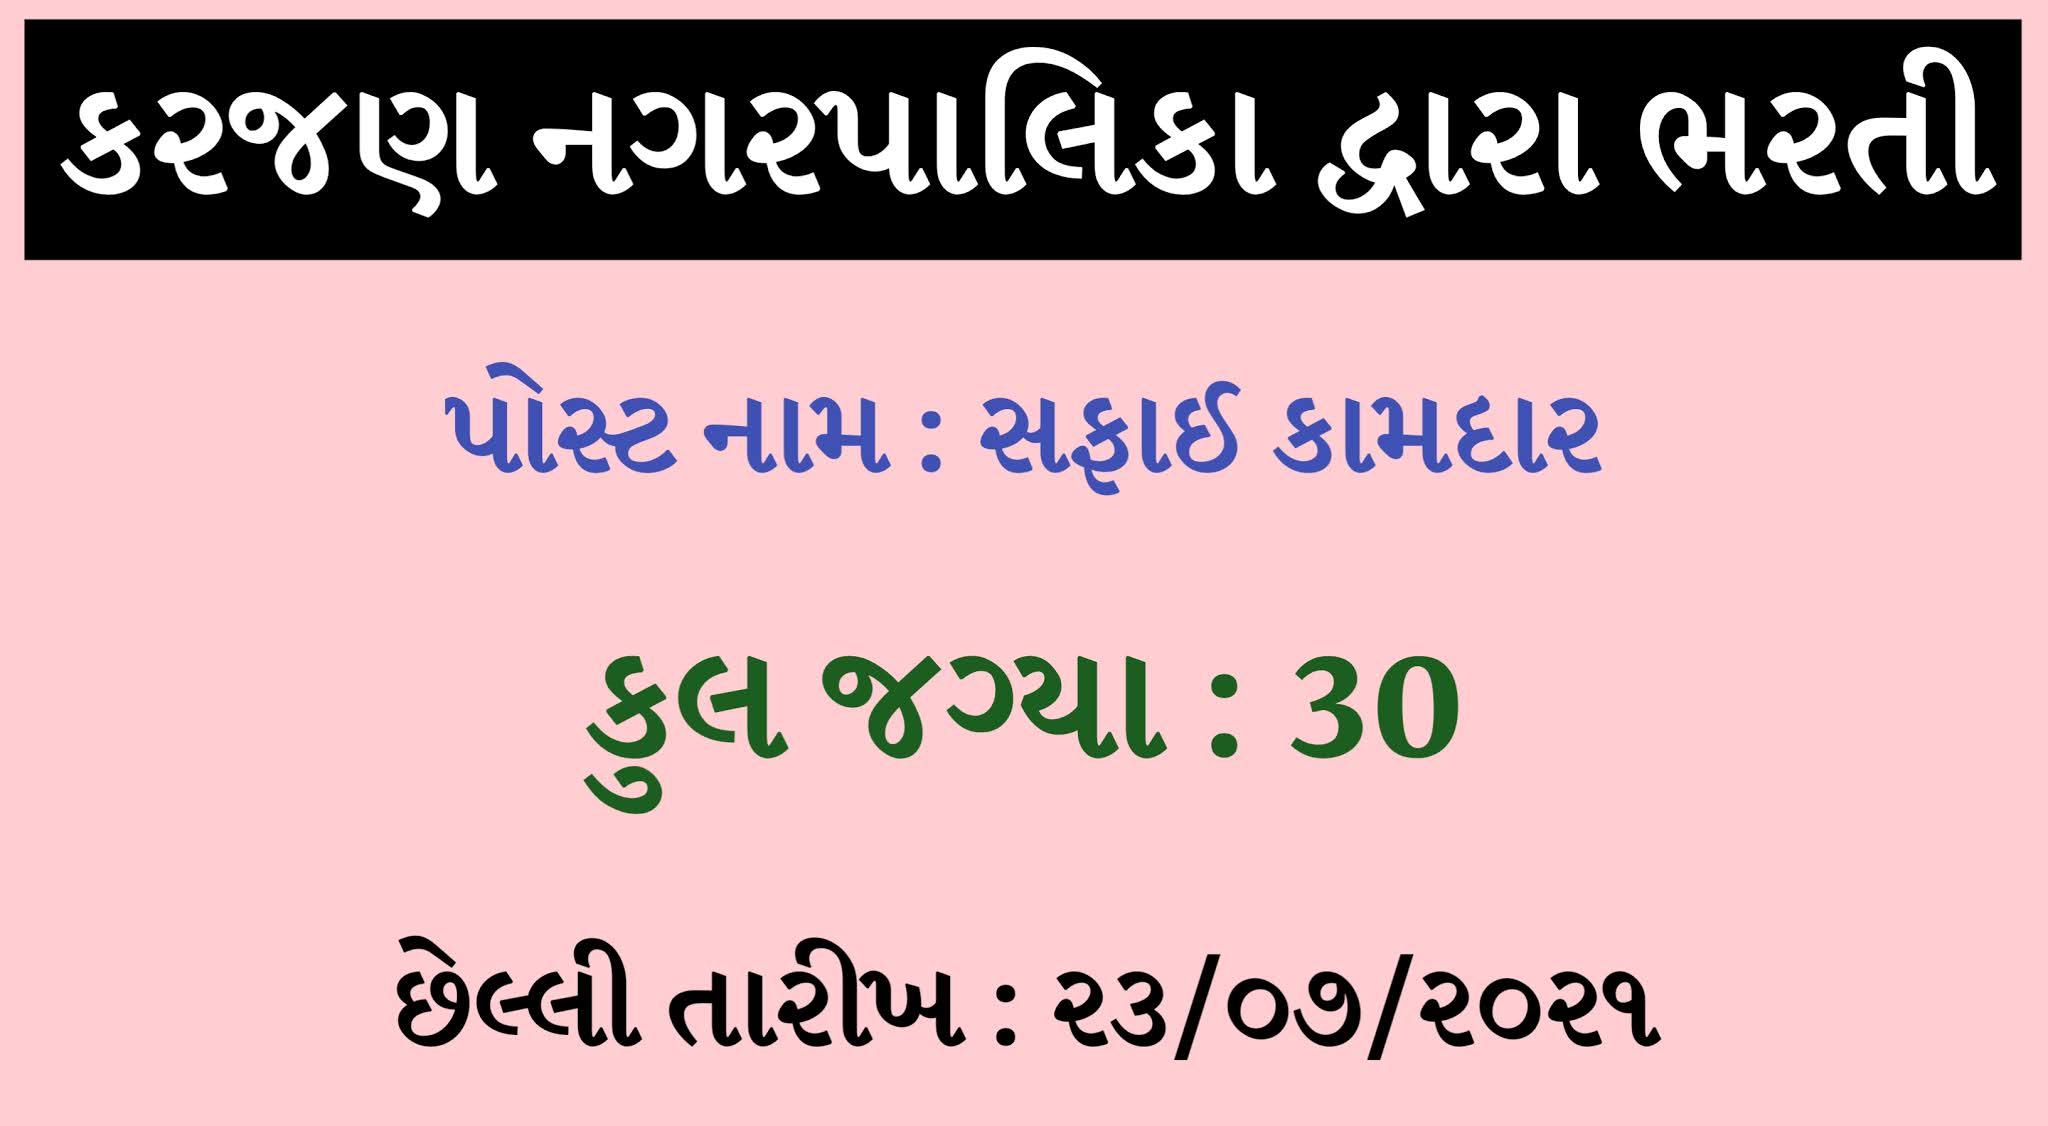 Gujarat Nagarpalika Recruitment 2021   Karjan Nagarpalika Safai Kamdar Post 2021   Karjan Nagarpalika Safai Kamdar Recruitment 2021   Nagarpalika Safai Kamdar Recruitment 2021   Nagarpalika Recruitment 2021   Safai Kamdar Recruitment 2021